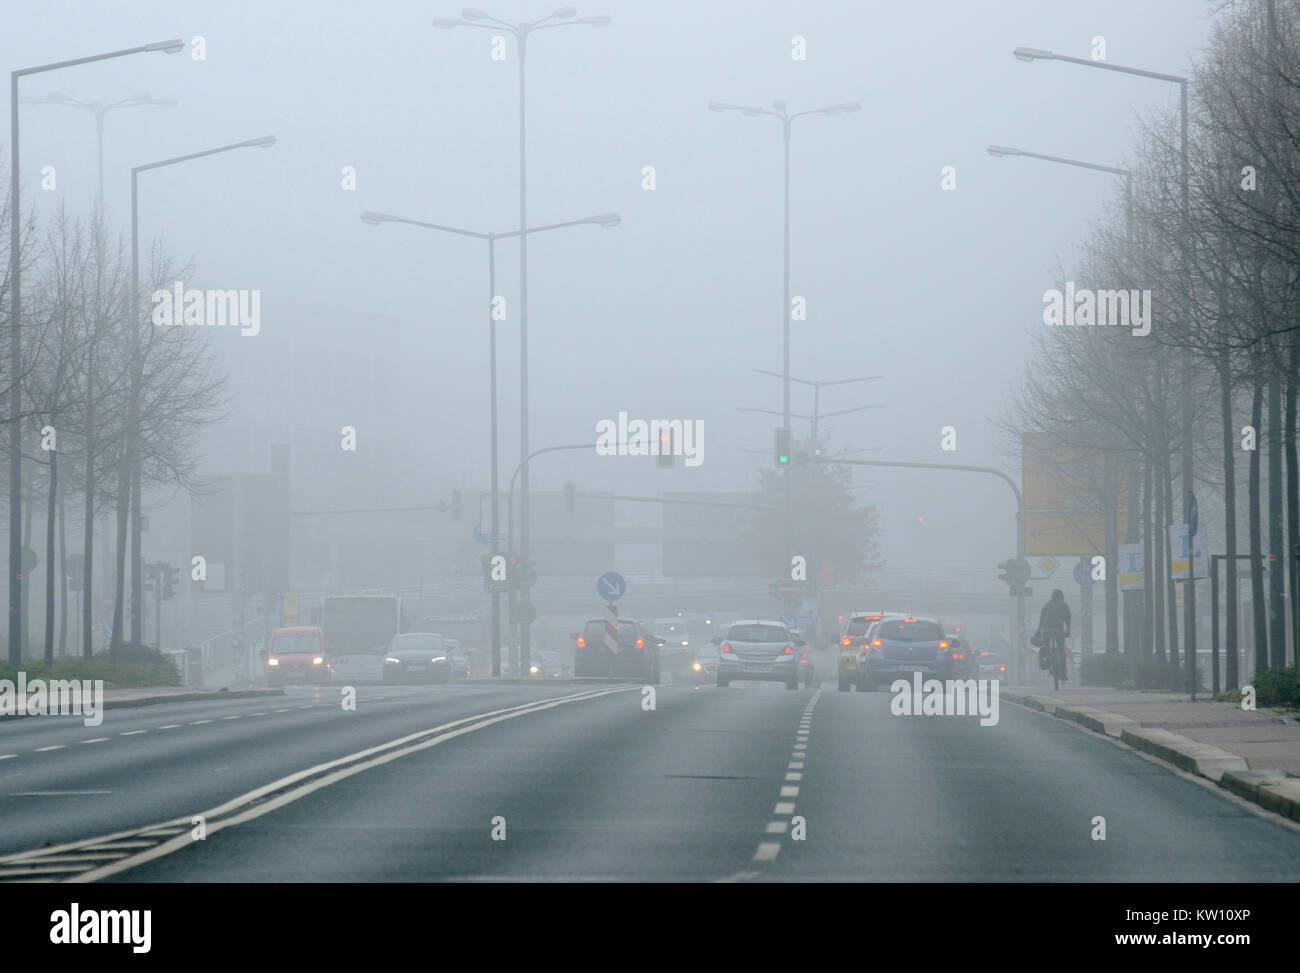 Traffic, difficult view terms, Strassenverkehr, schwierige Sichtbedingungen - Stock Image